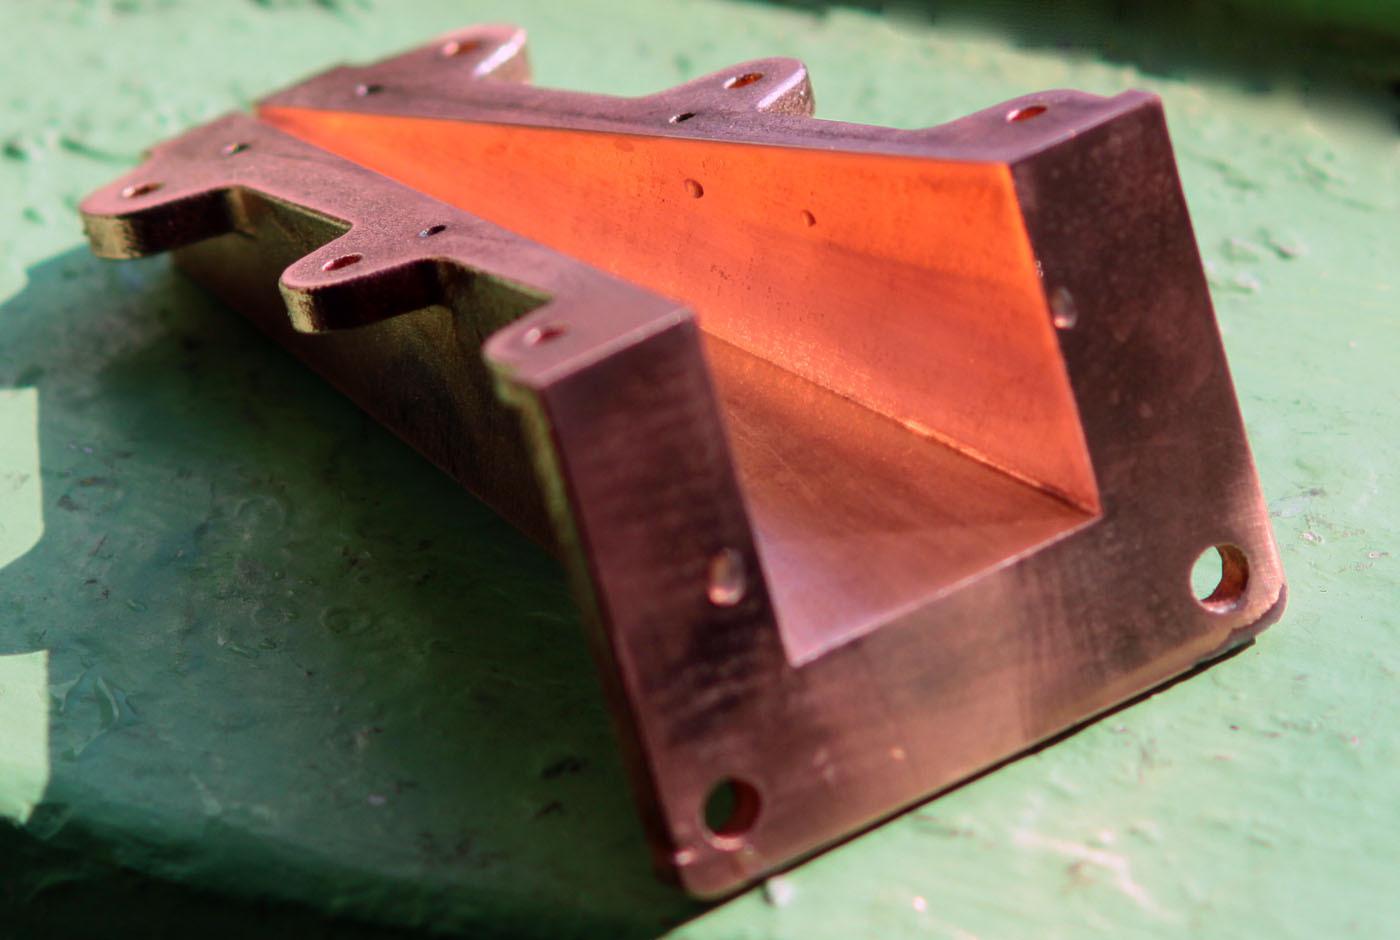 Применение аддитивных технологий при производстве сложных нестандартных изделий - 4